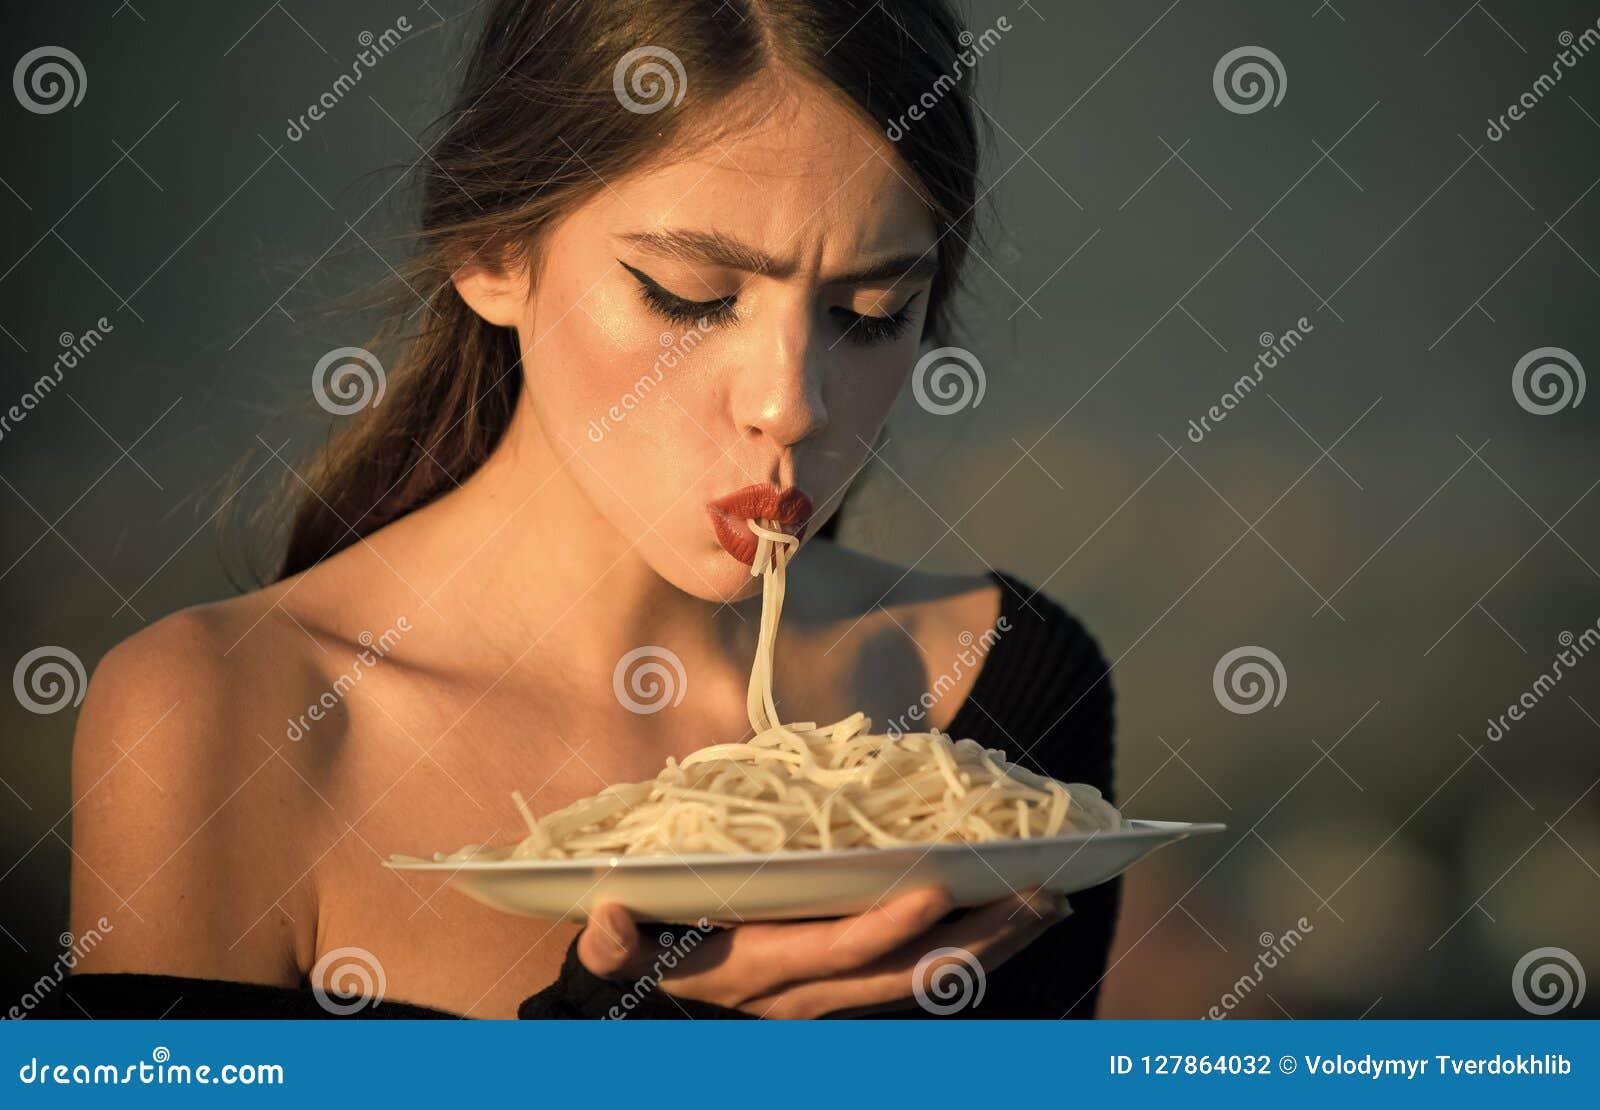 Dieta y alimento biológico sano, Italia La mujer del cocinero con los labios rojos come las pastas Hambre, apetito, receta Mujer